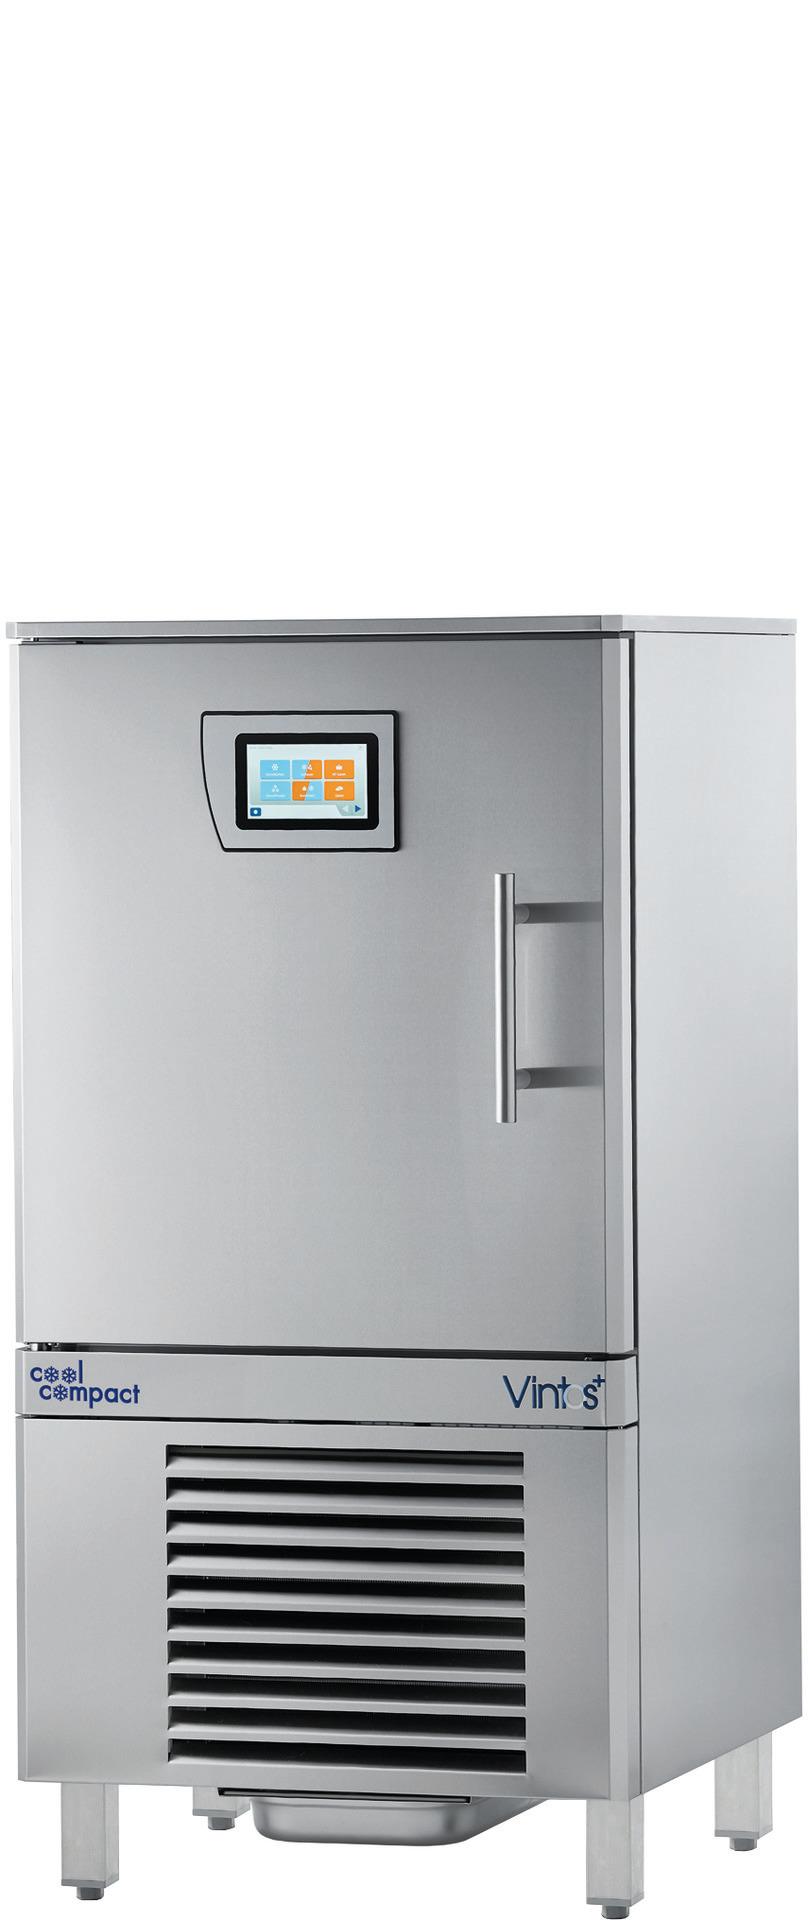 Schnellkühler / Schockfroster 8 x GN 1/1 Quereinschub / zentralgekühlt